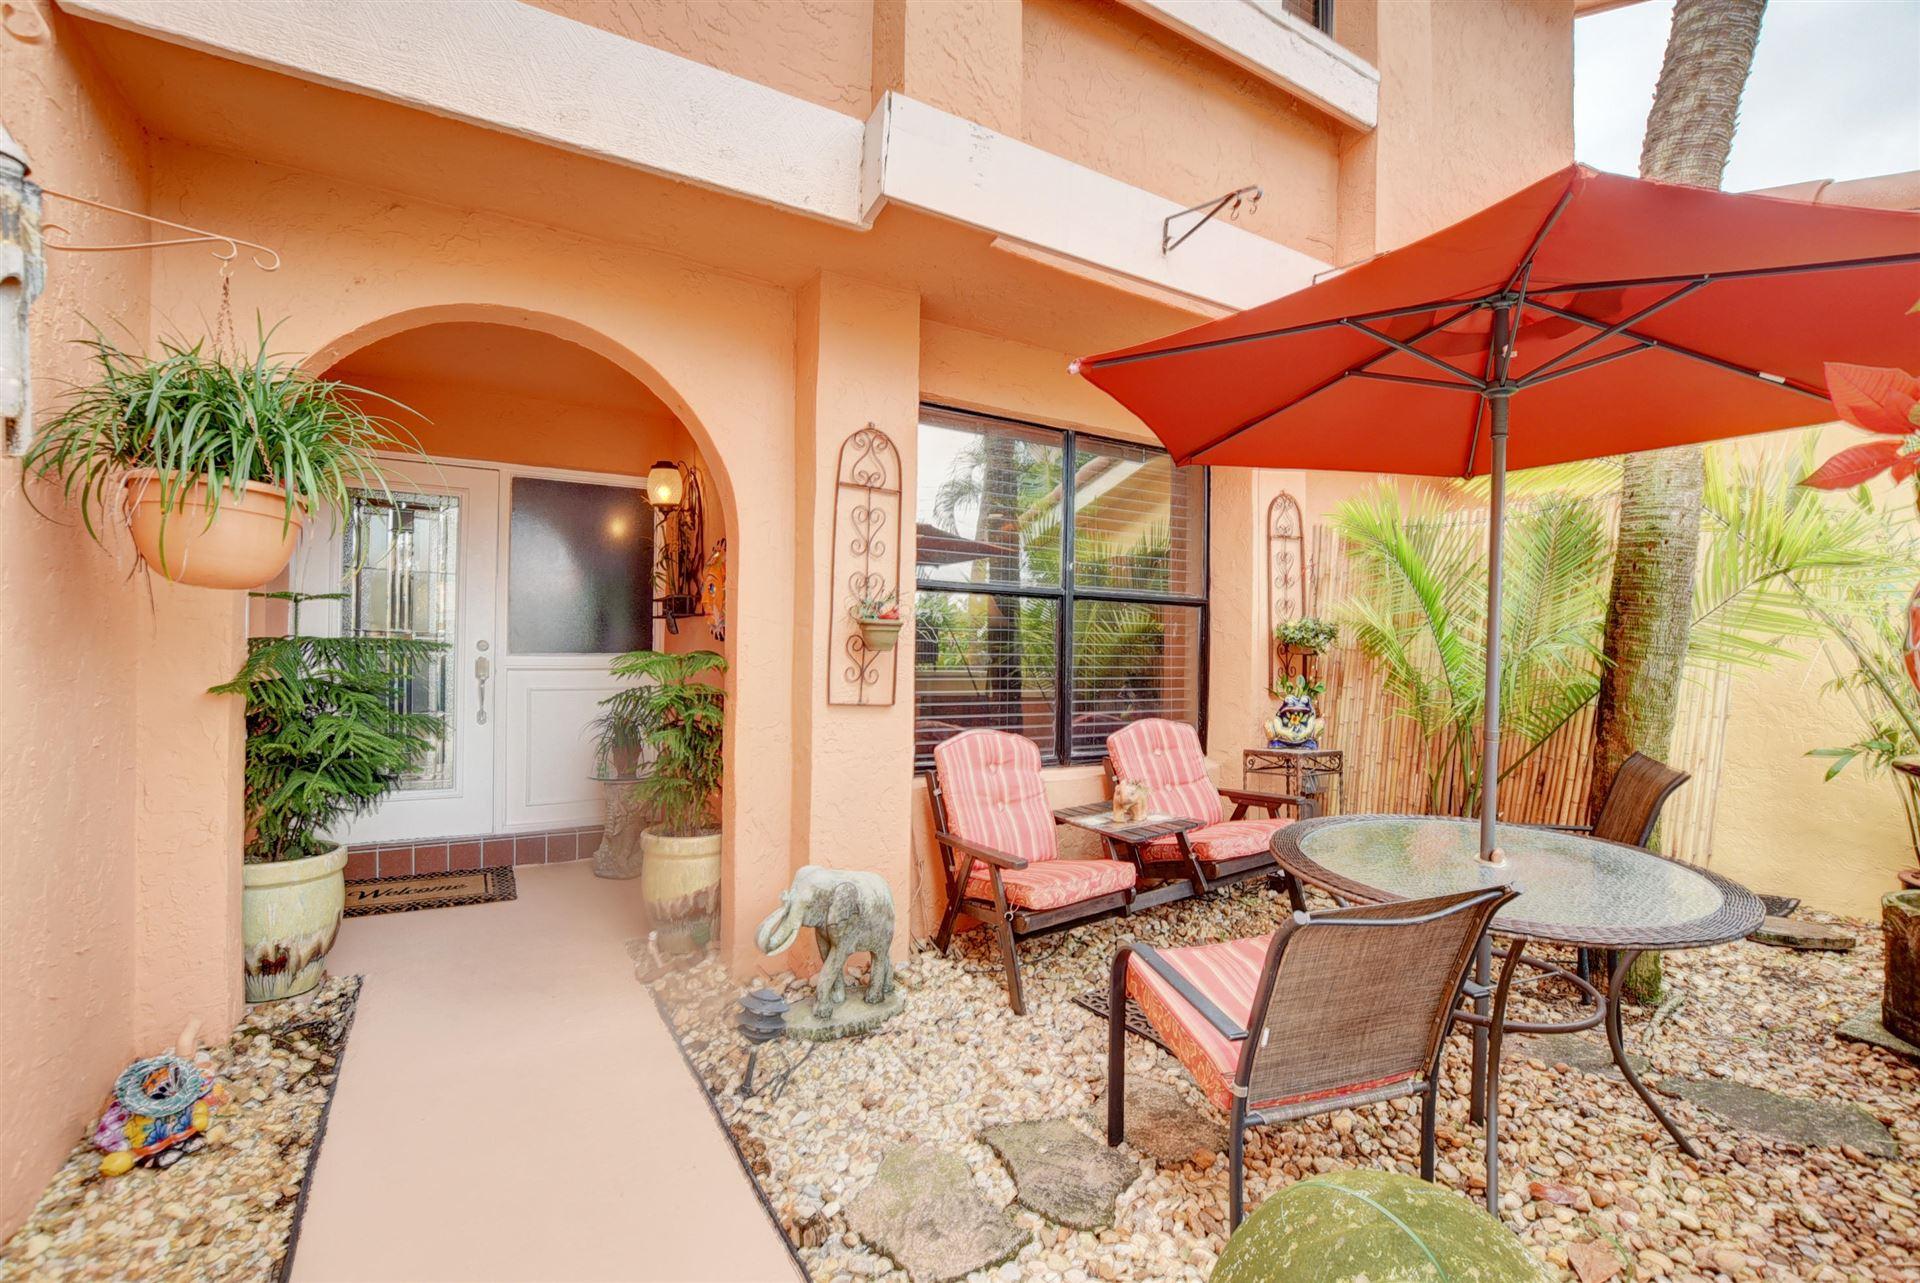 Photo of 20773 Del Luna Drive, Boca Raton, FL 33433 (MLS # RX-10684911)